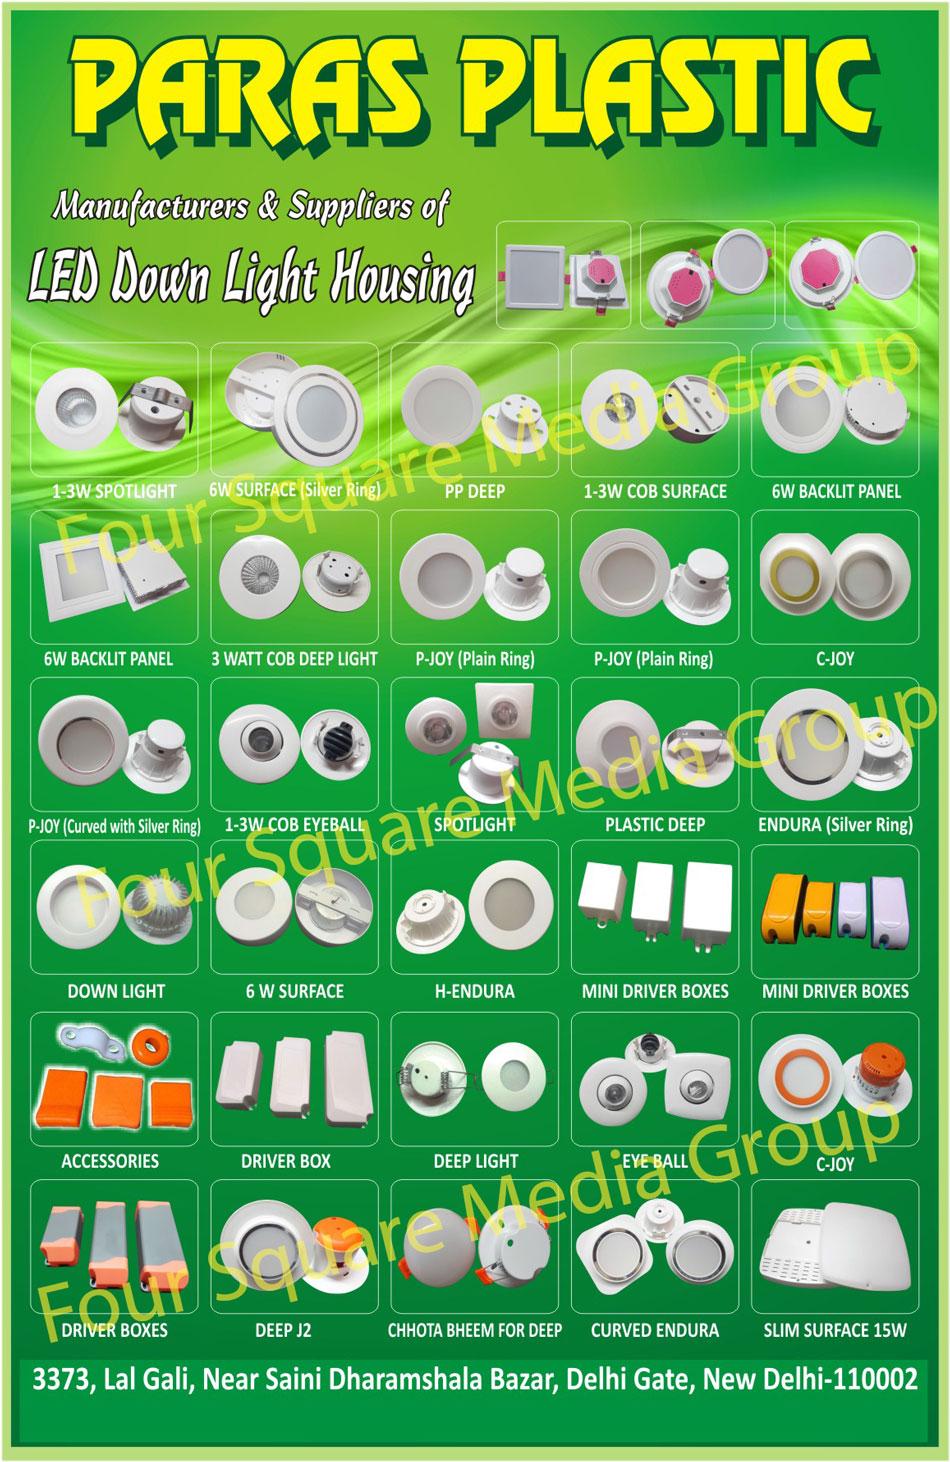 Led Down Light Housings, Led Lights, Housing Lights, Led Bulbs, Led Tubes, Down Lights